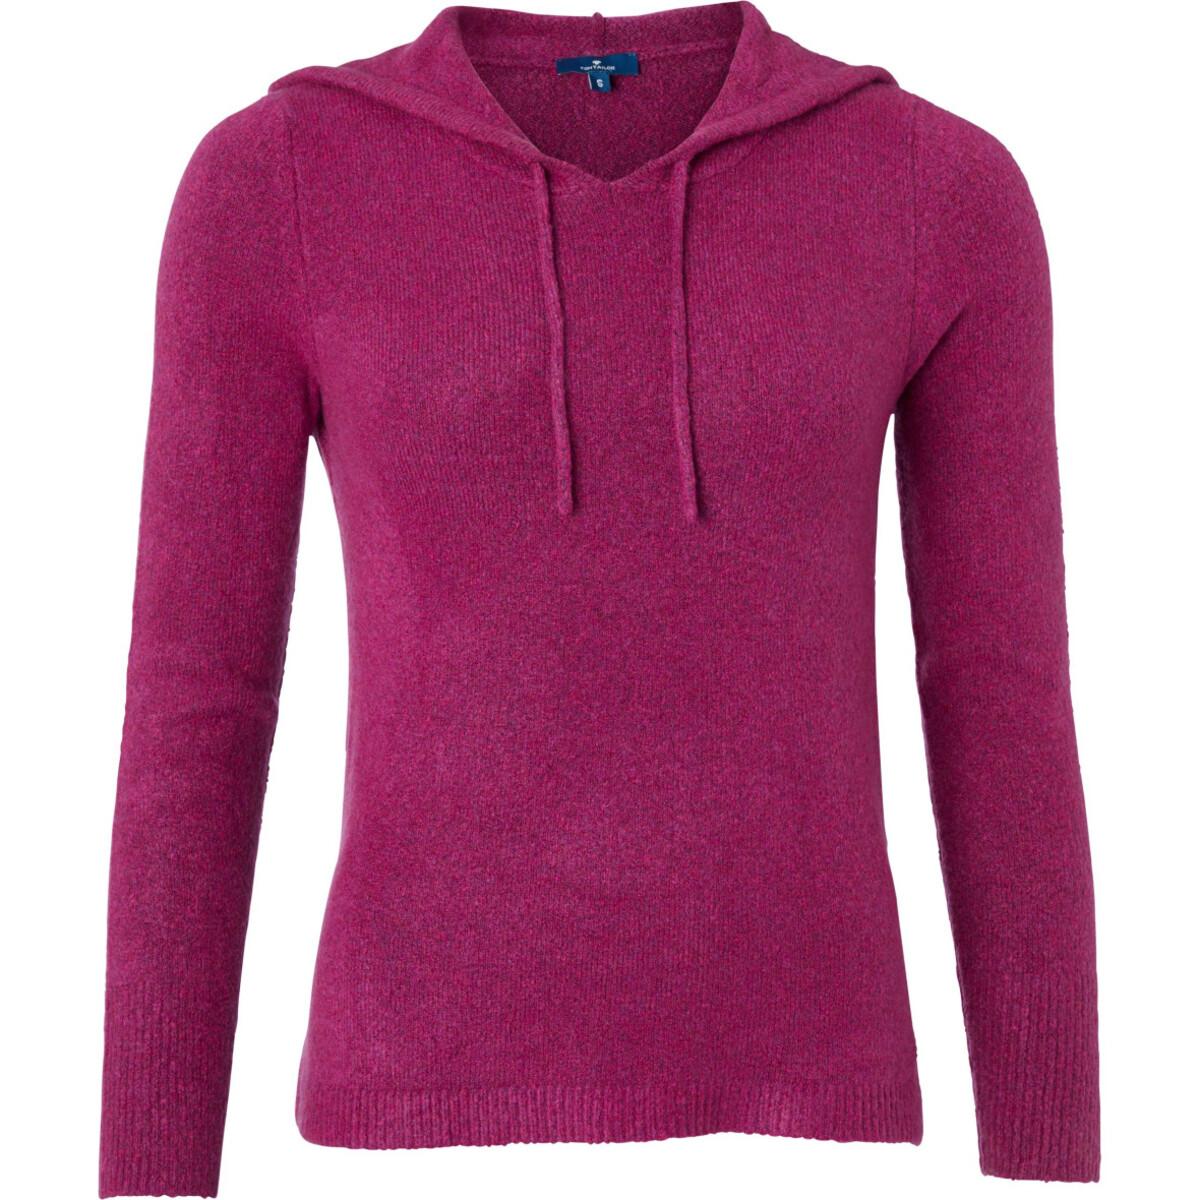 Bild 1 von Damen Sweater mit Kapuze